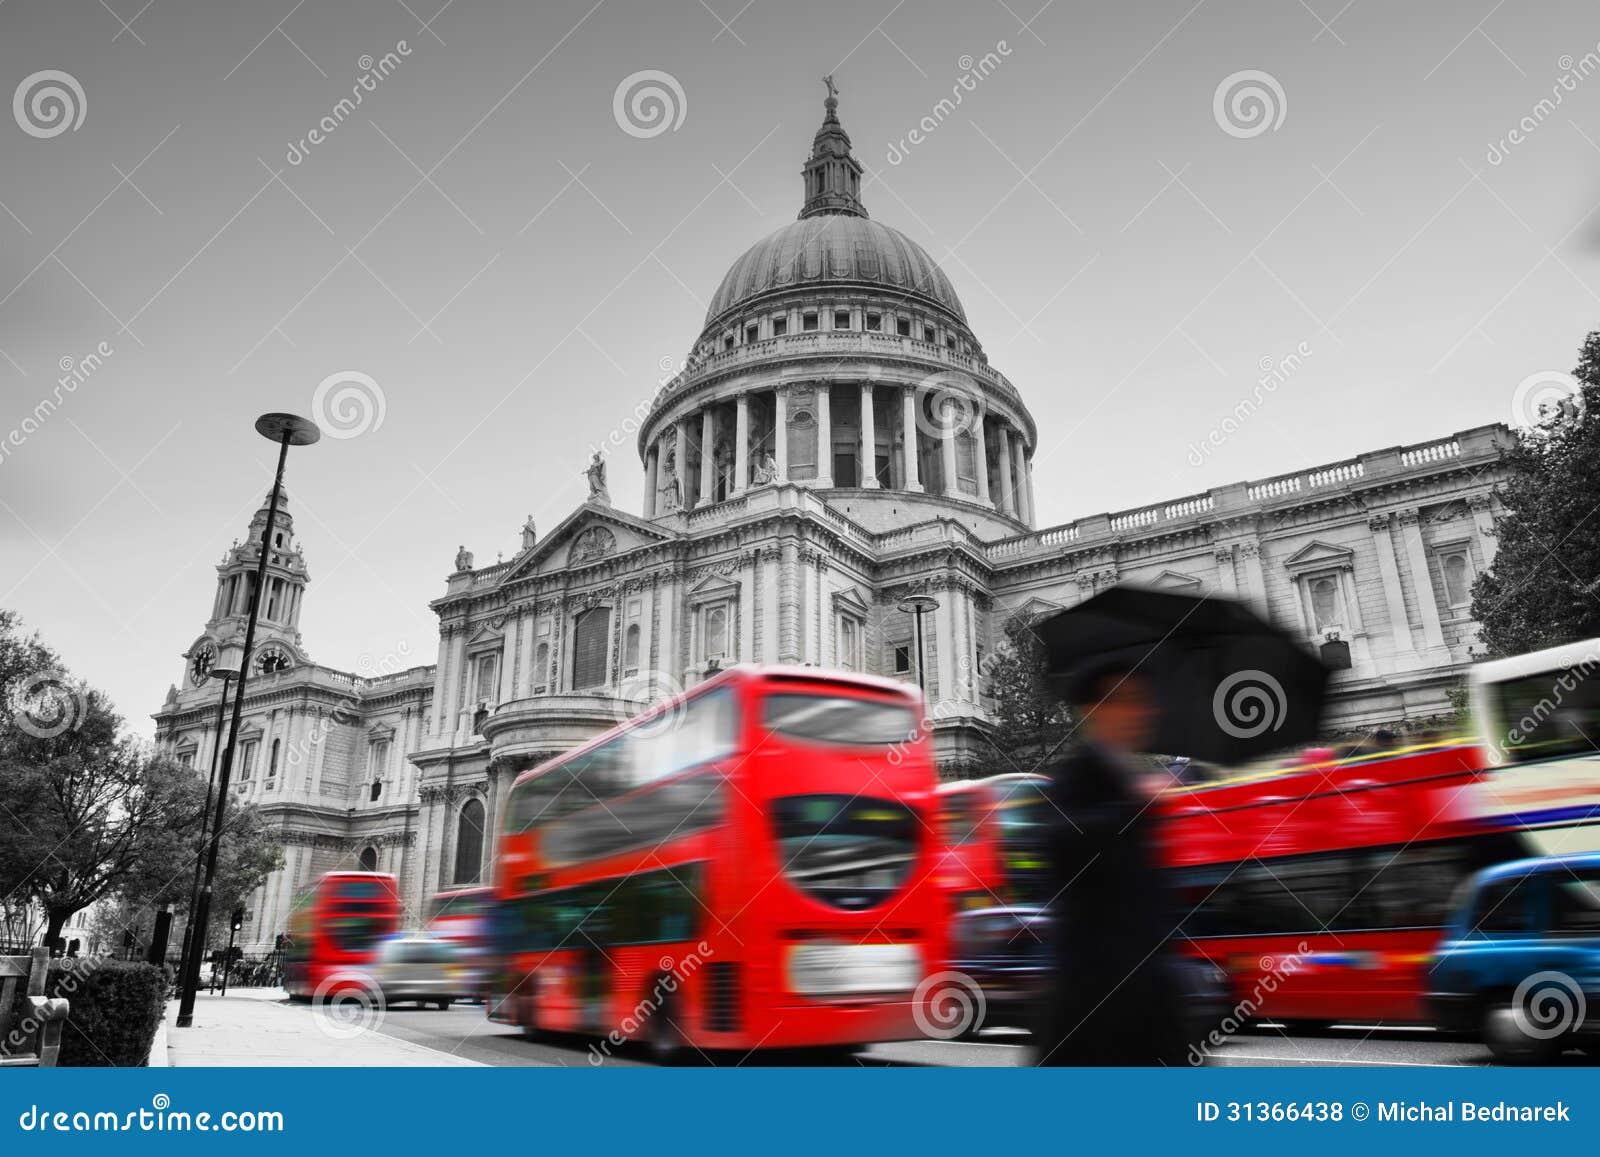 St Paul Kathedraal in Londen, het UK. Rode bussen